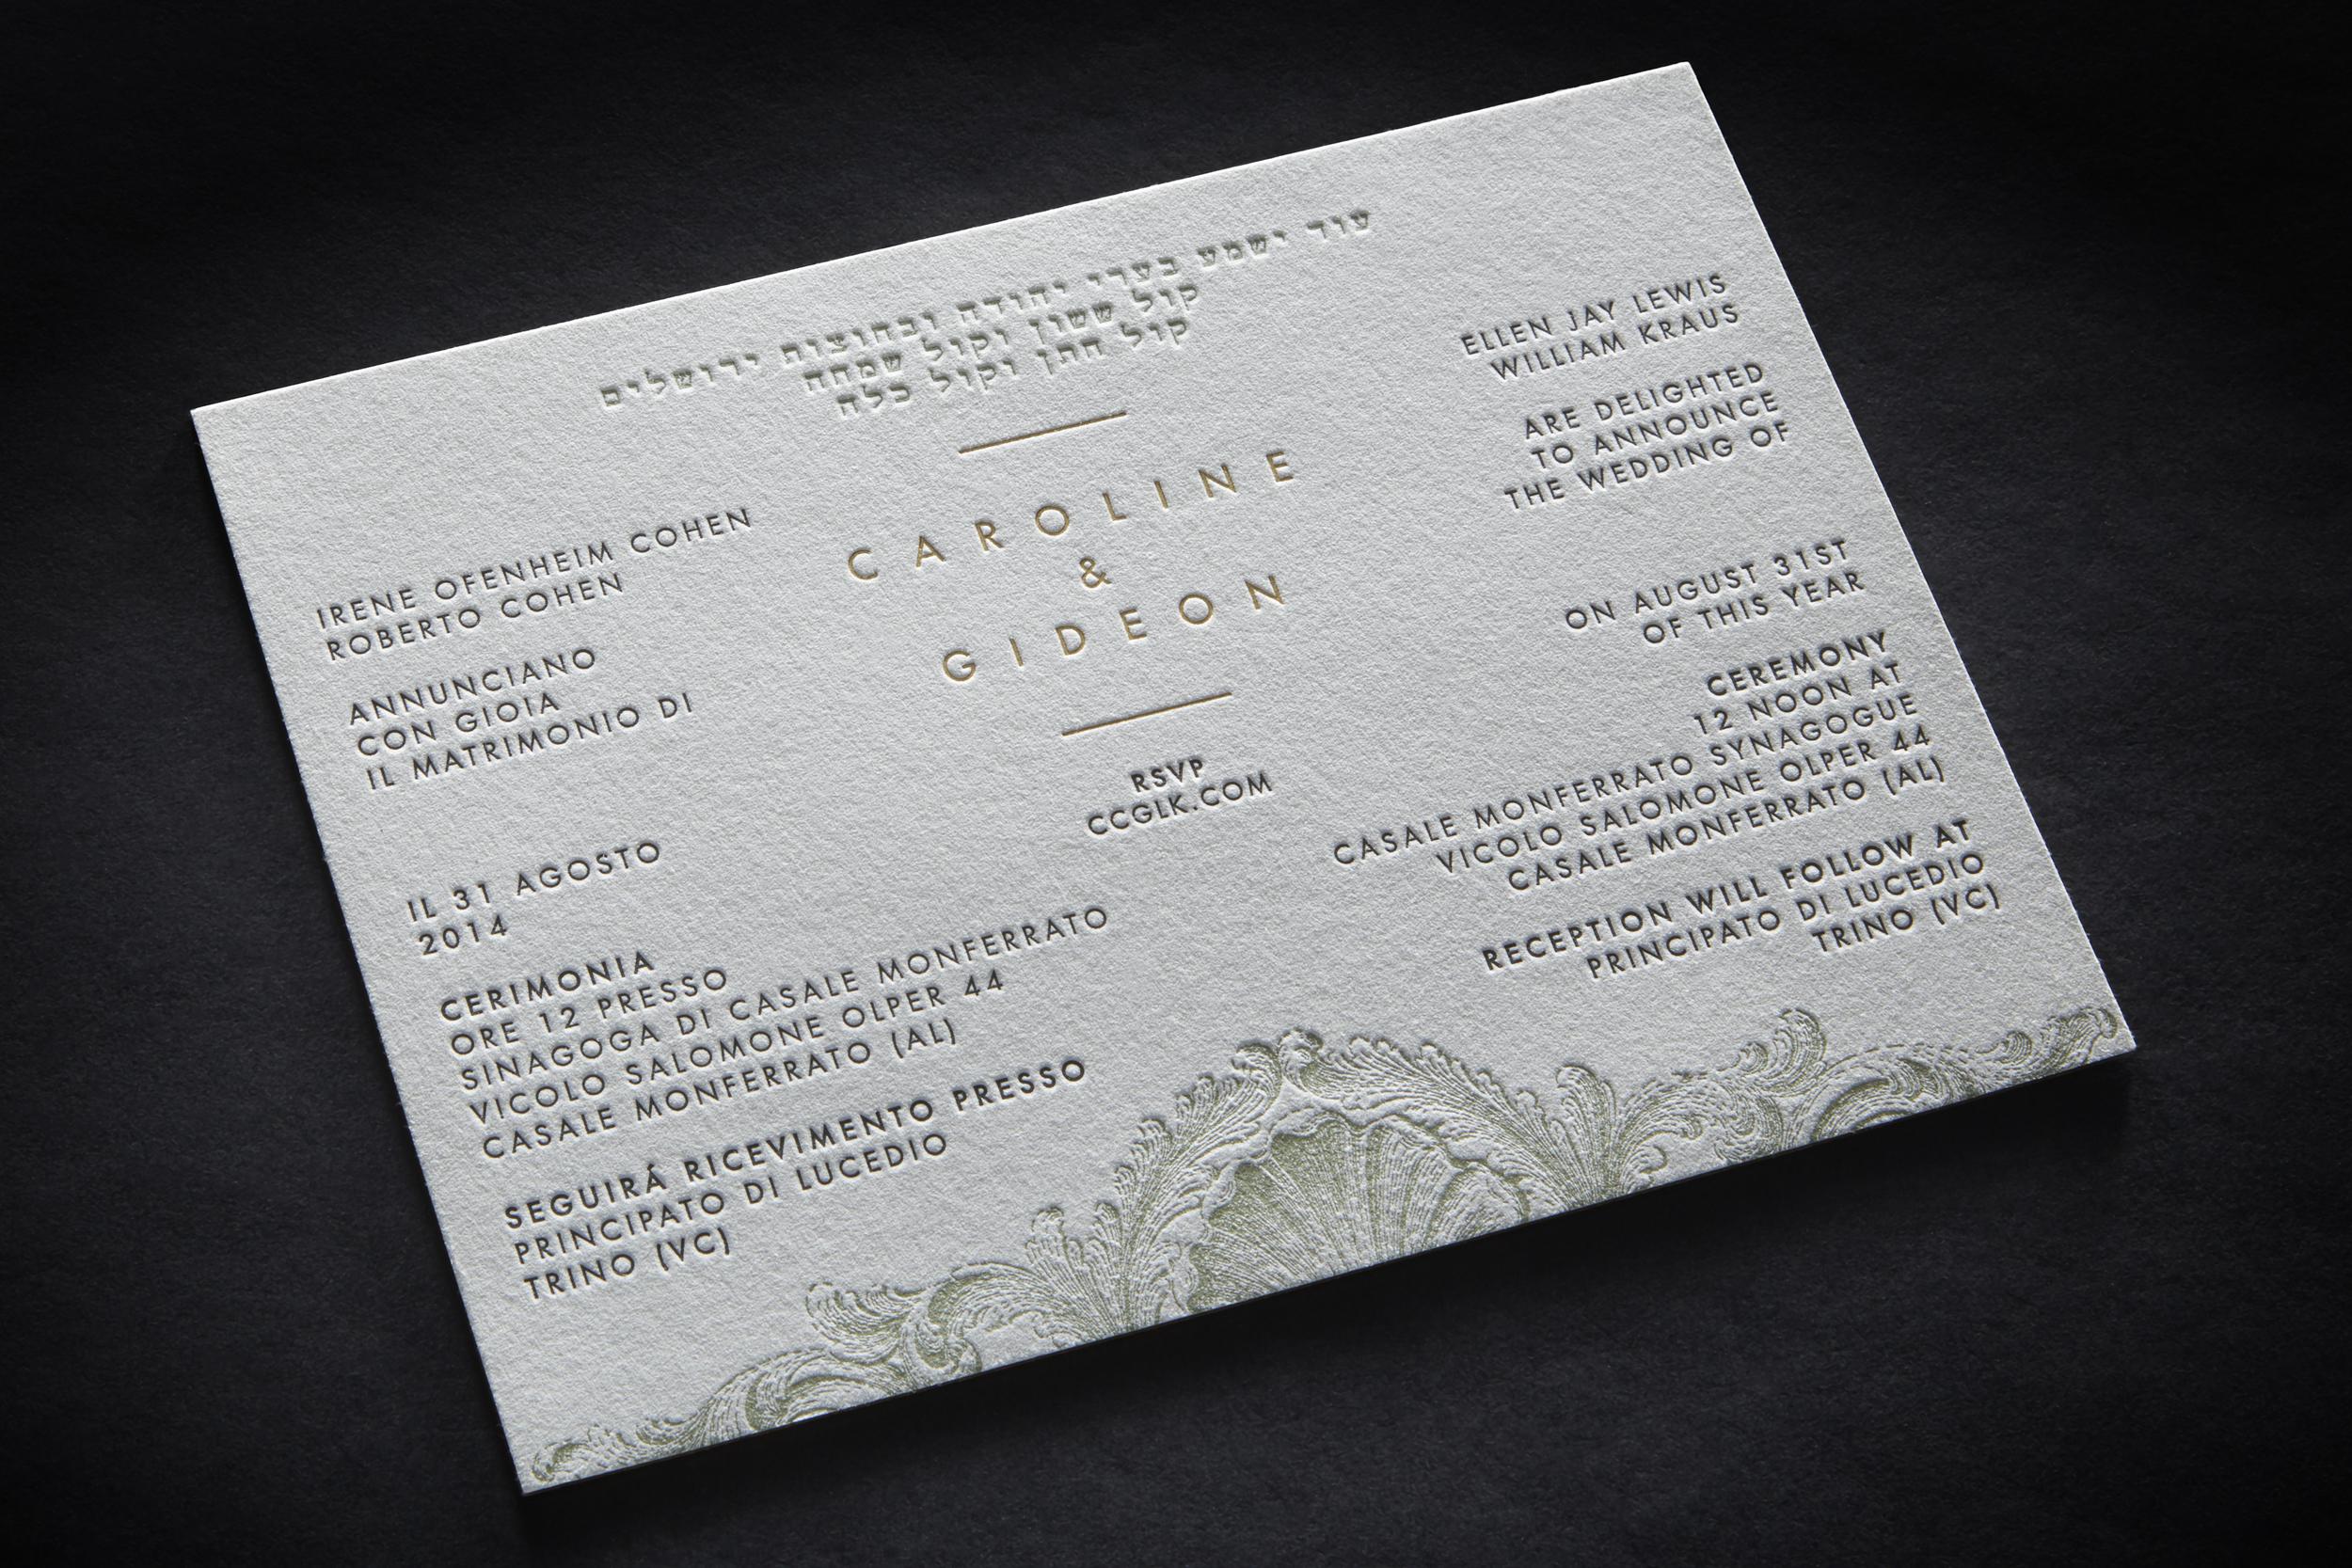 CAROLINE & GIDEON